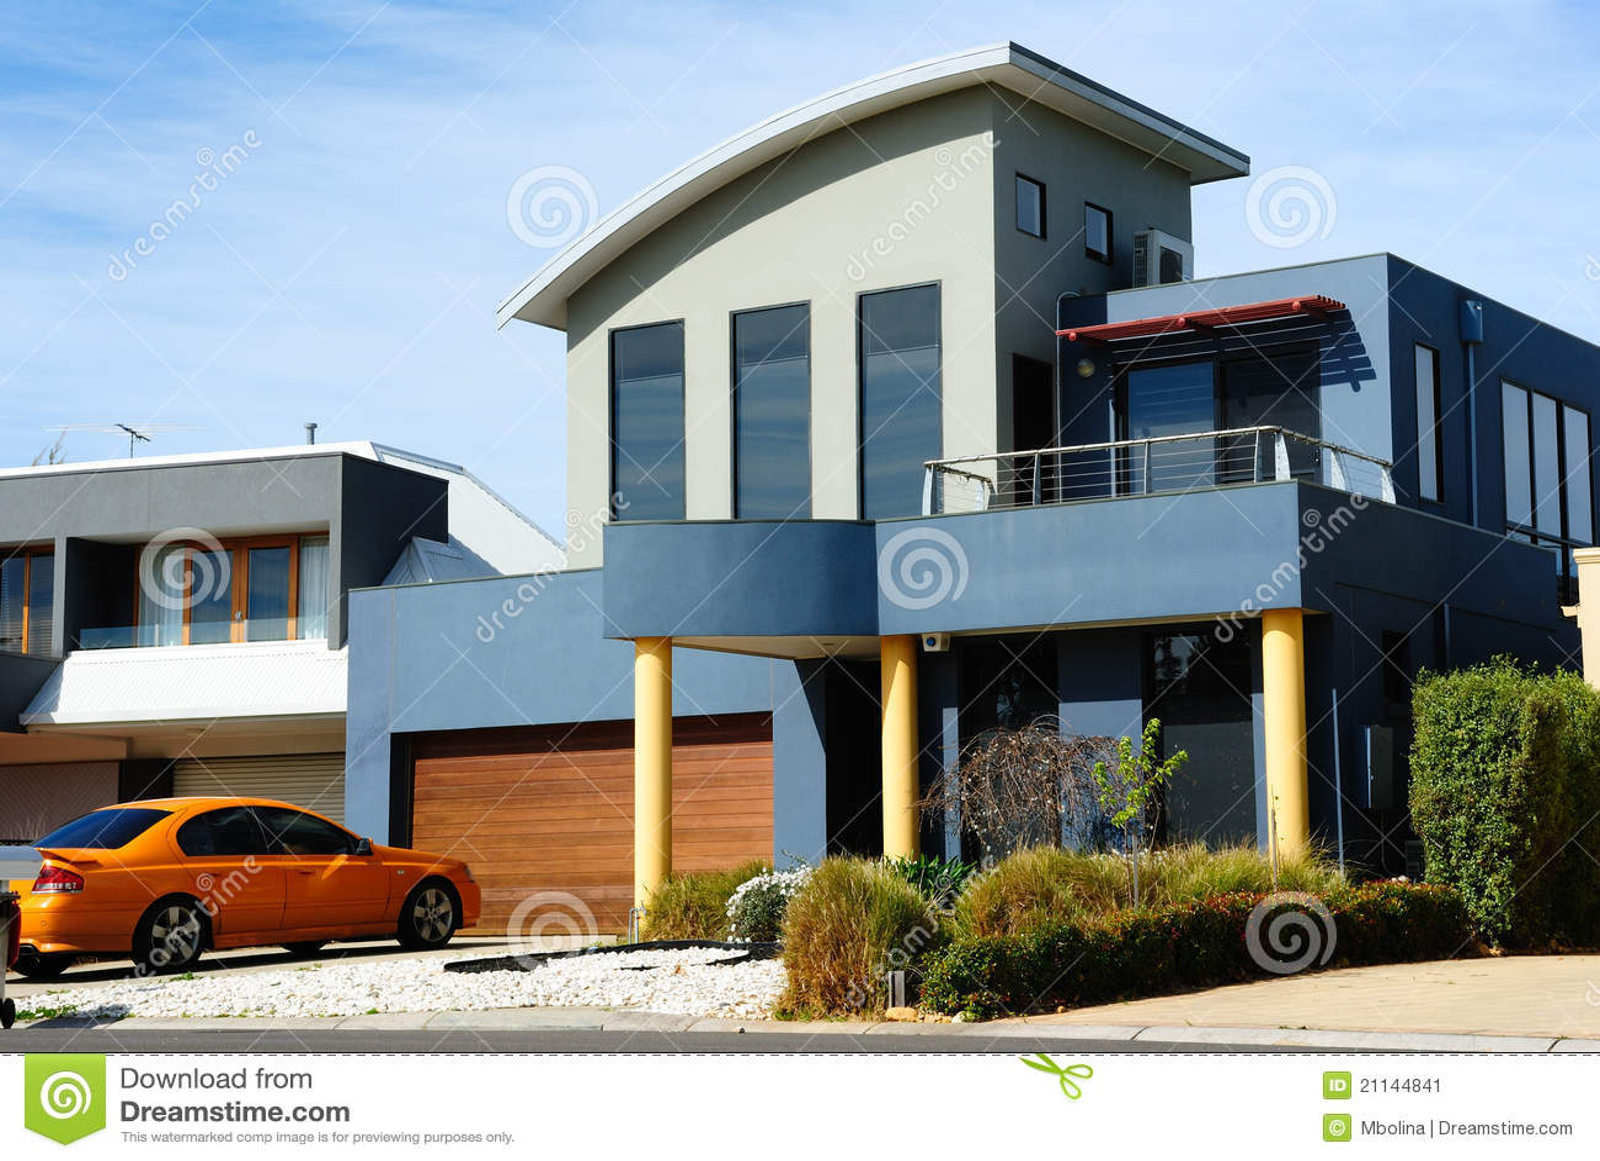 casa moderna bonita arquitetura nova imagem de stock imagem 21144841. Black Bedroom Furniture Sets. Home Design Ideas